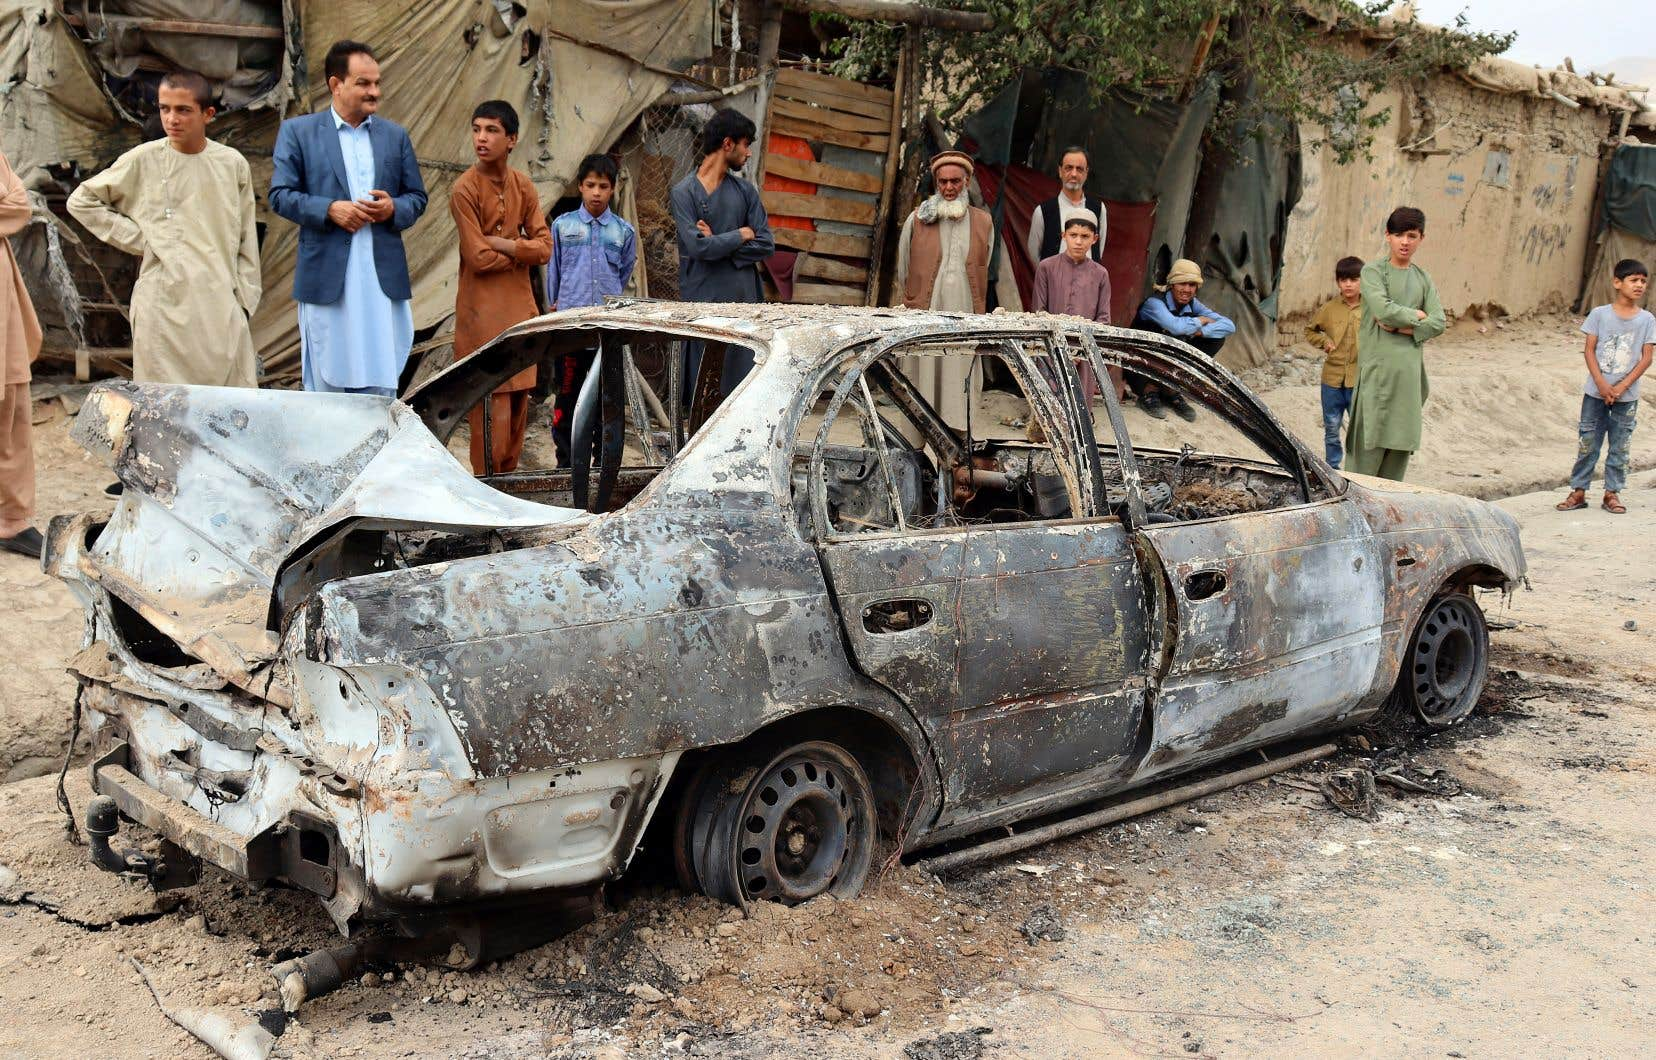 Le départ des troupes américaines d'Afghanistan a amorcé le retour rapide des talibans au pouvoir, compliquant ainsi les programmes d'évacuation du pays lancés depuis le 14 août dernier. Sur la photo, une voiture endommagée par un tir de roquette à Kaboul, lundi.